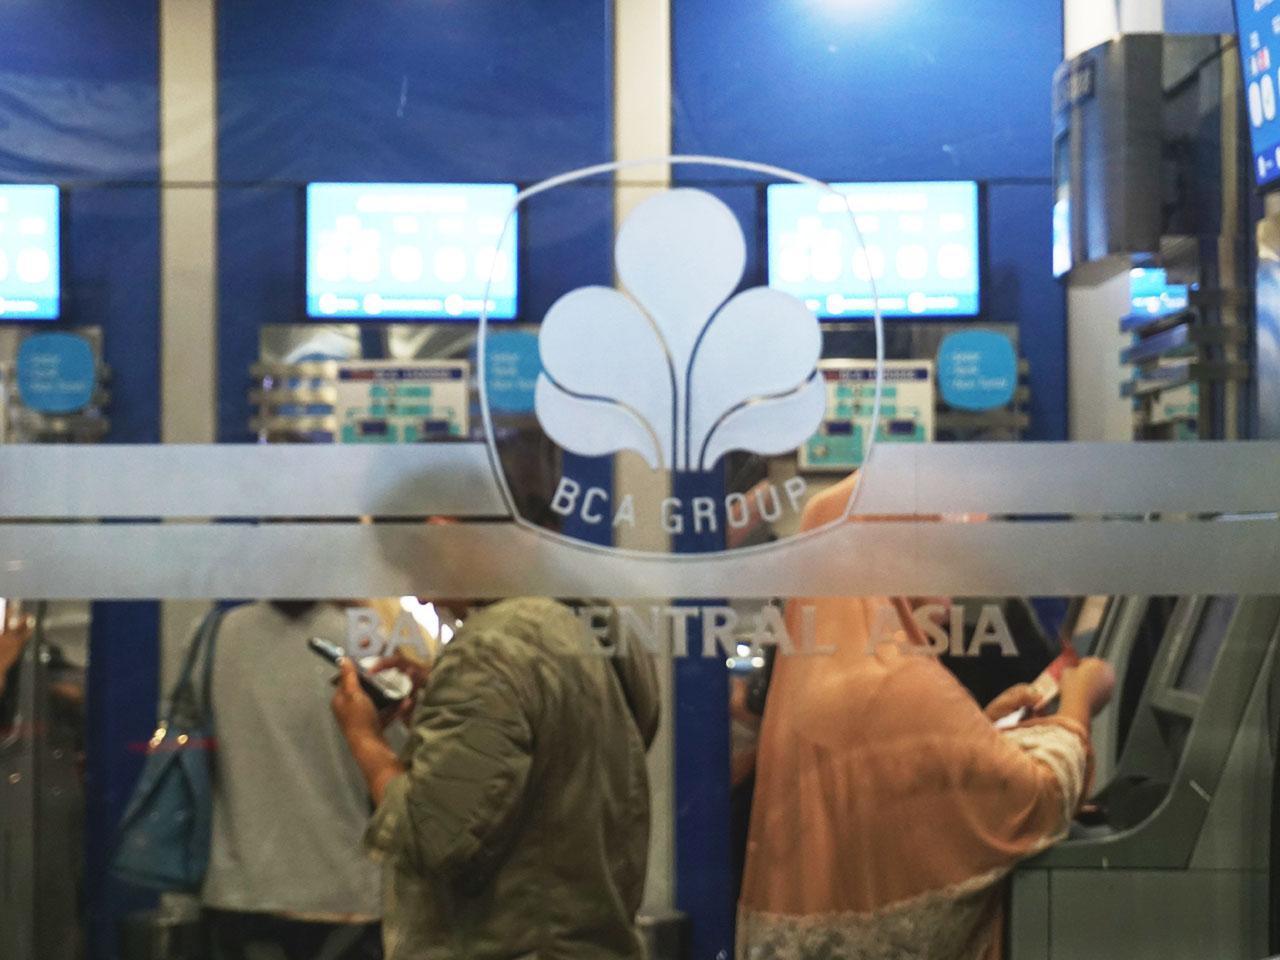 Mesin ATM Pertama di Indonesia